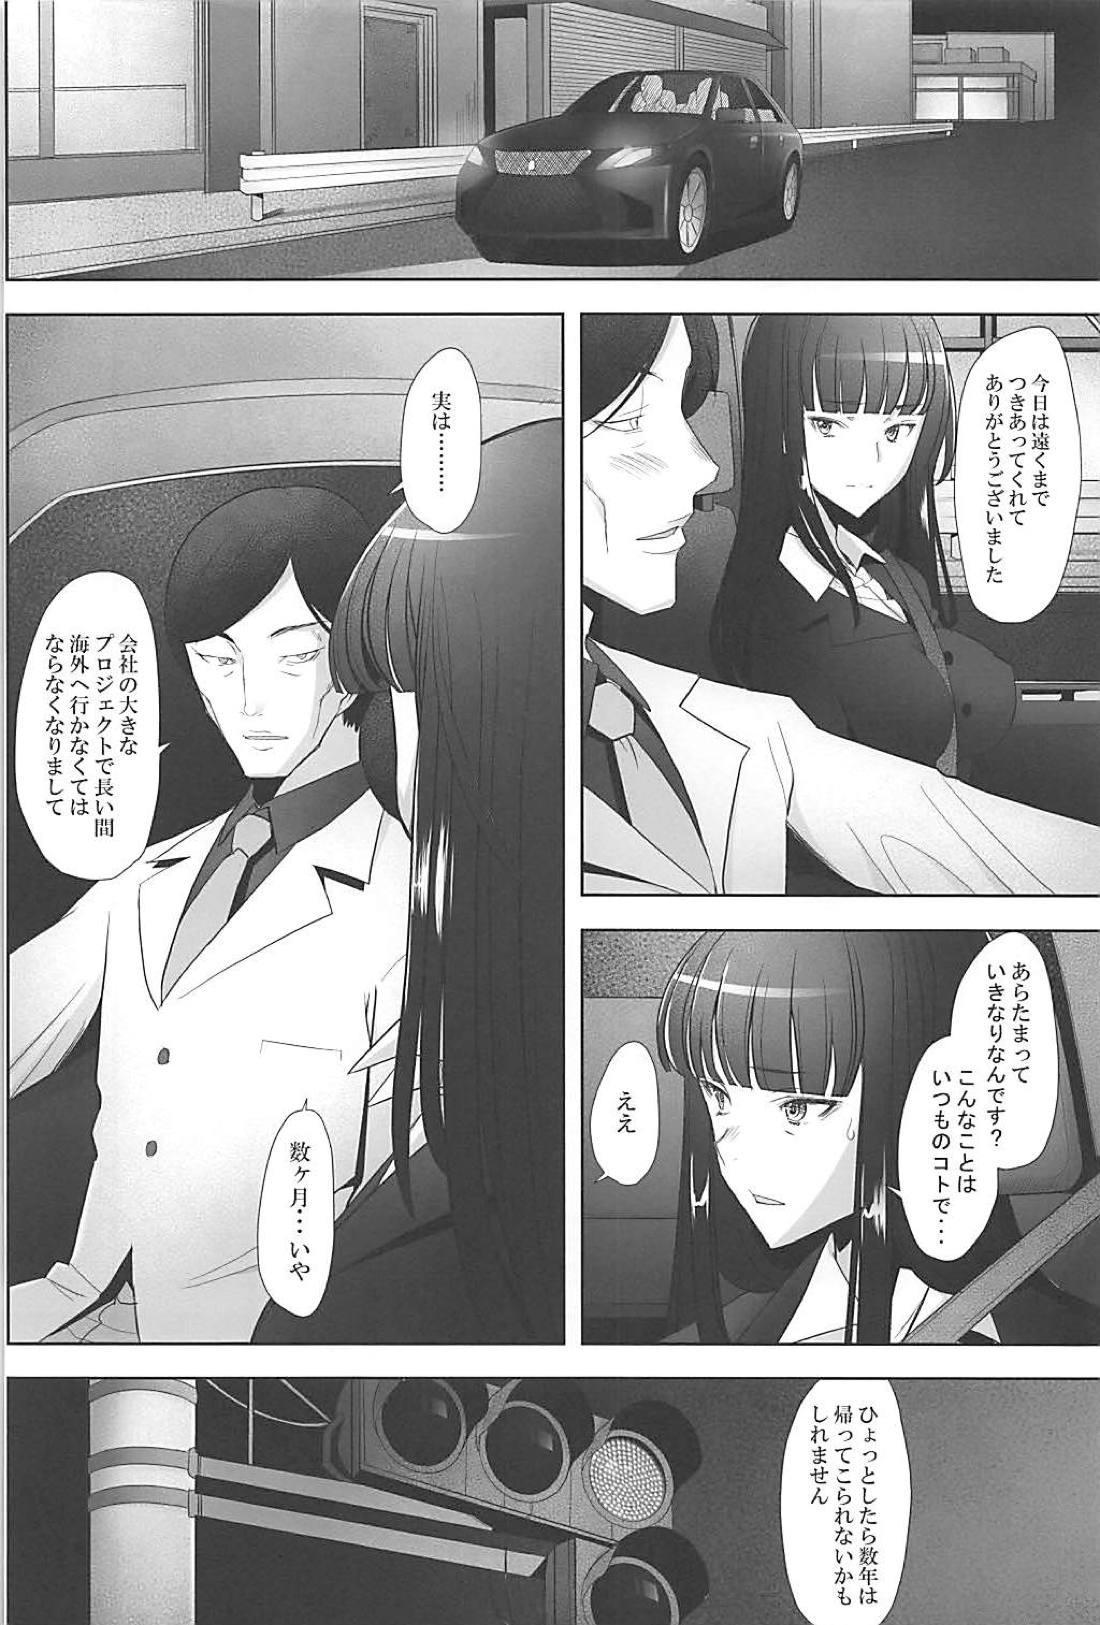 Furin Sex no Yoin ga Wasurerarenai Hitozuma Iemoto ga Karada no Uzuki o Osaeru Tame ni Otto to Hageshiku Yattemita 16